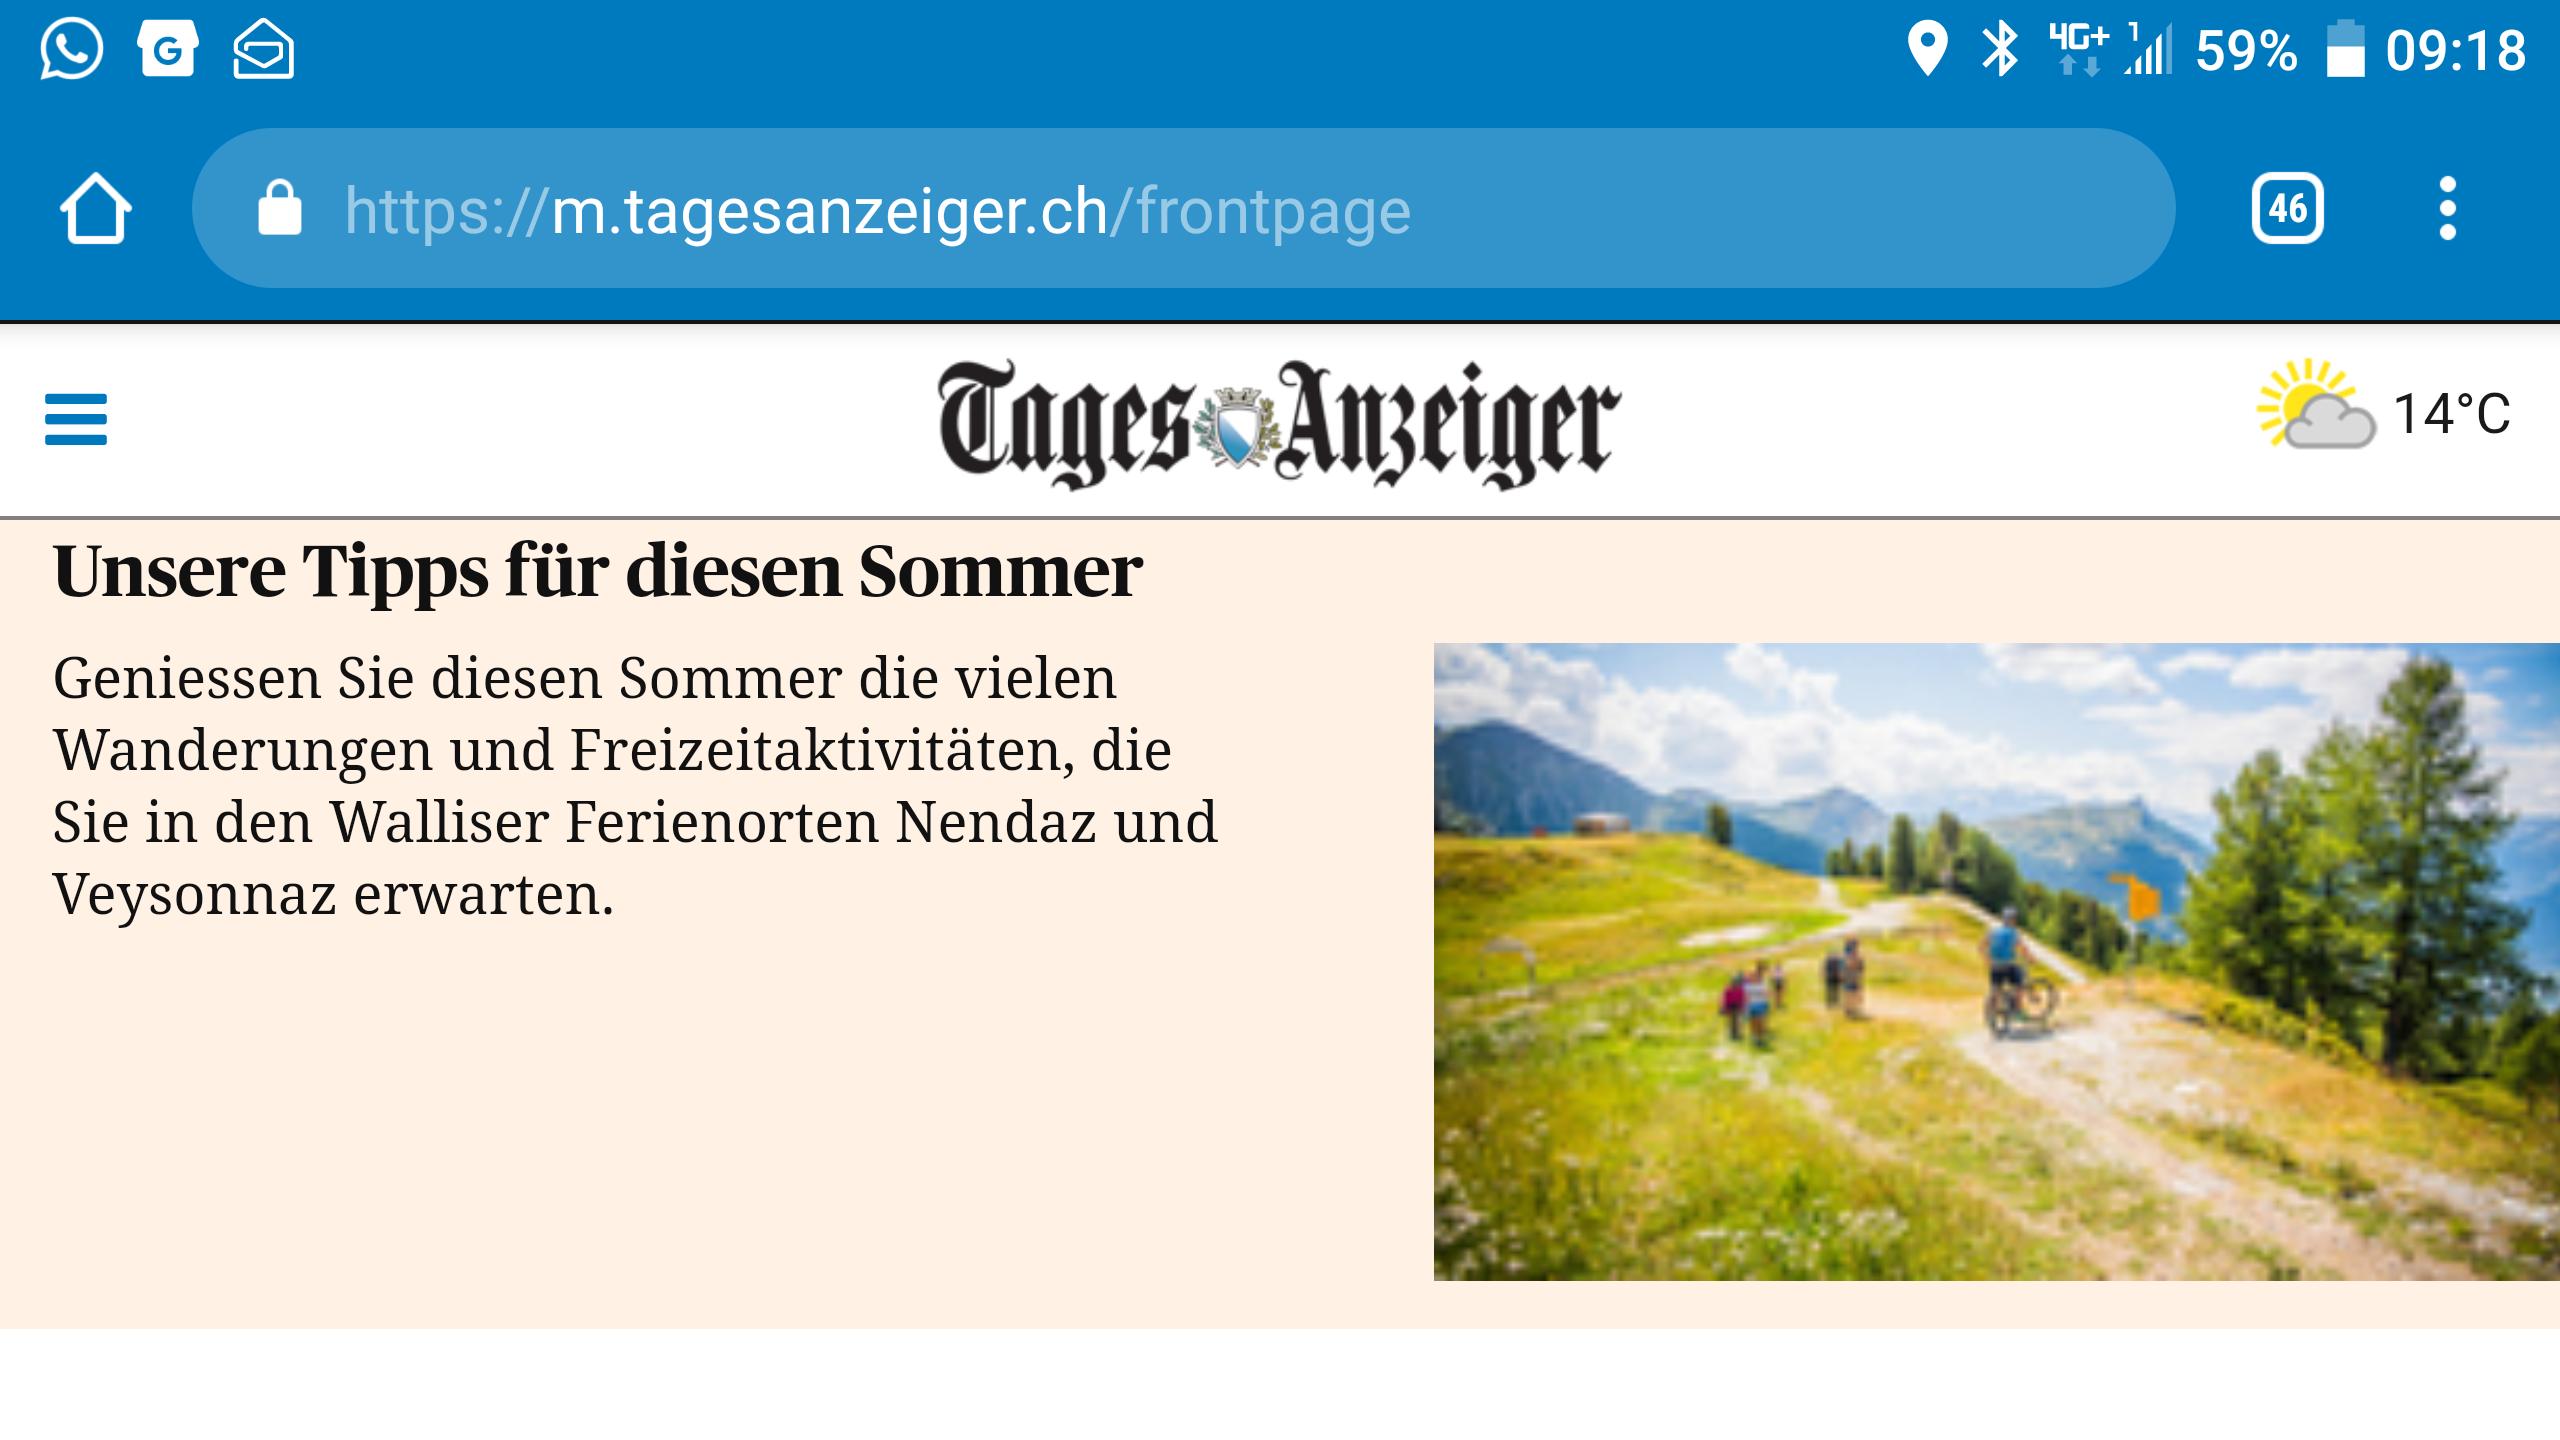 Mobile Werbung beim Tages-Anzeiger.